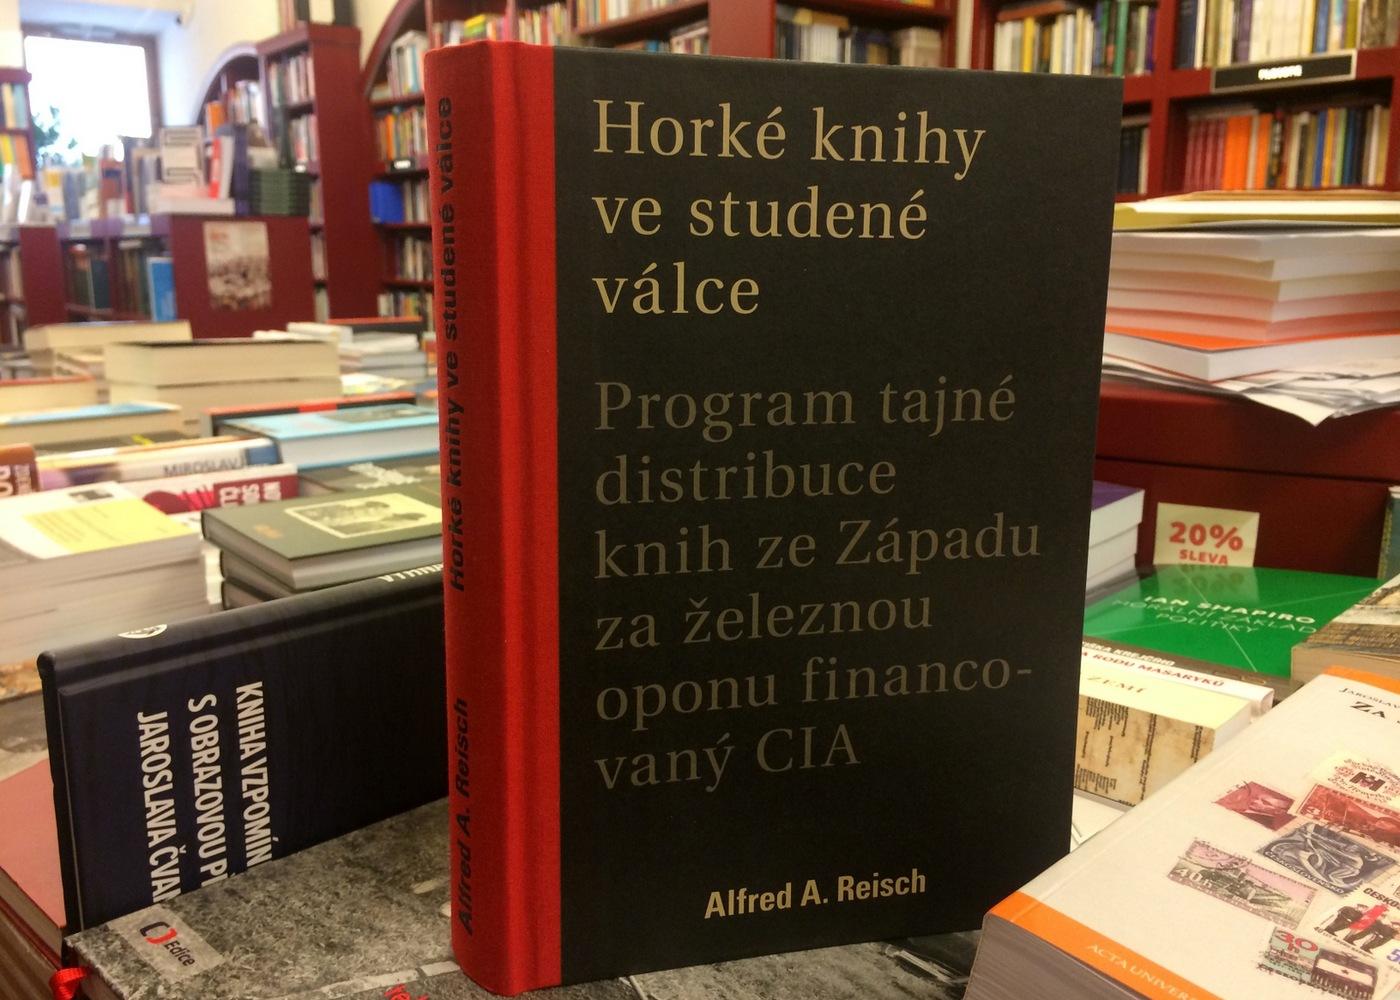 Alfred A. Reisch: Horké knihy ve studené válce